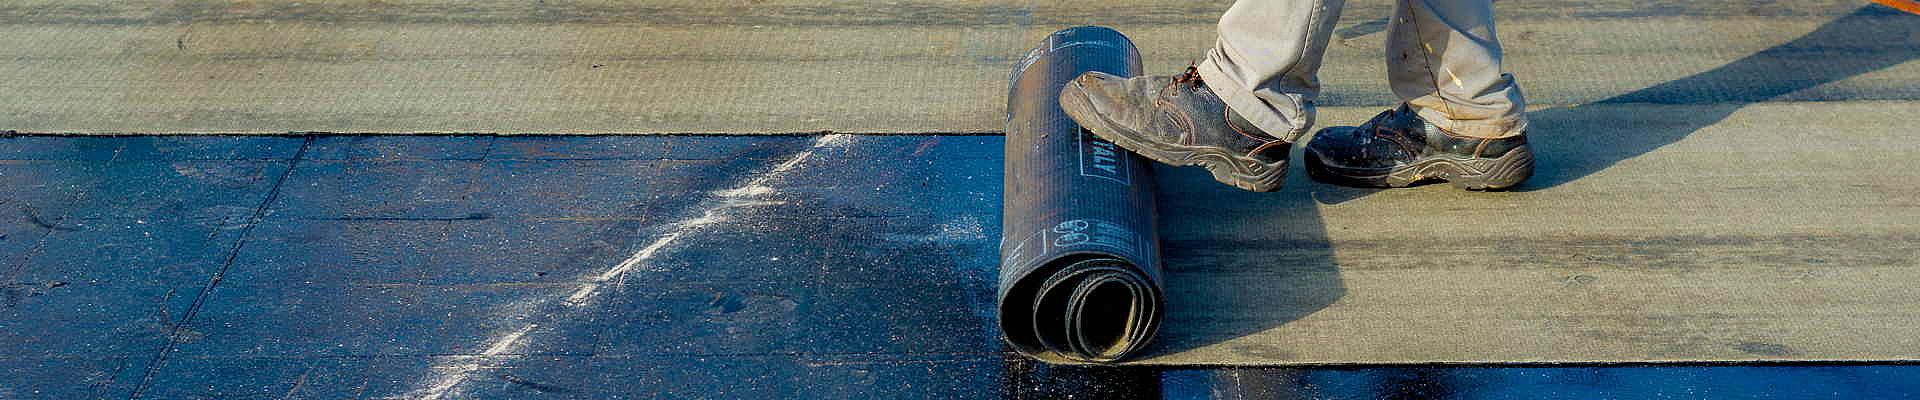 Ausgeprägte Rissbildung in einer Dachfläche erfordert zumeist eine komplette Sanierung.